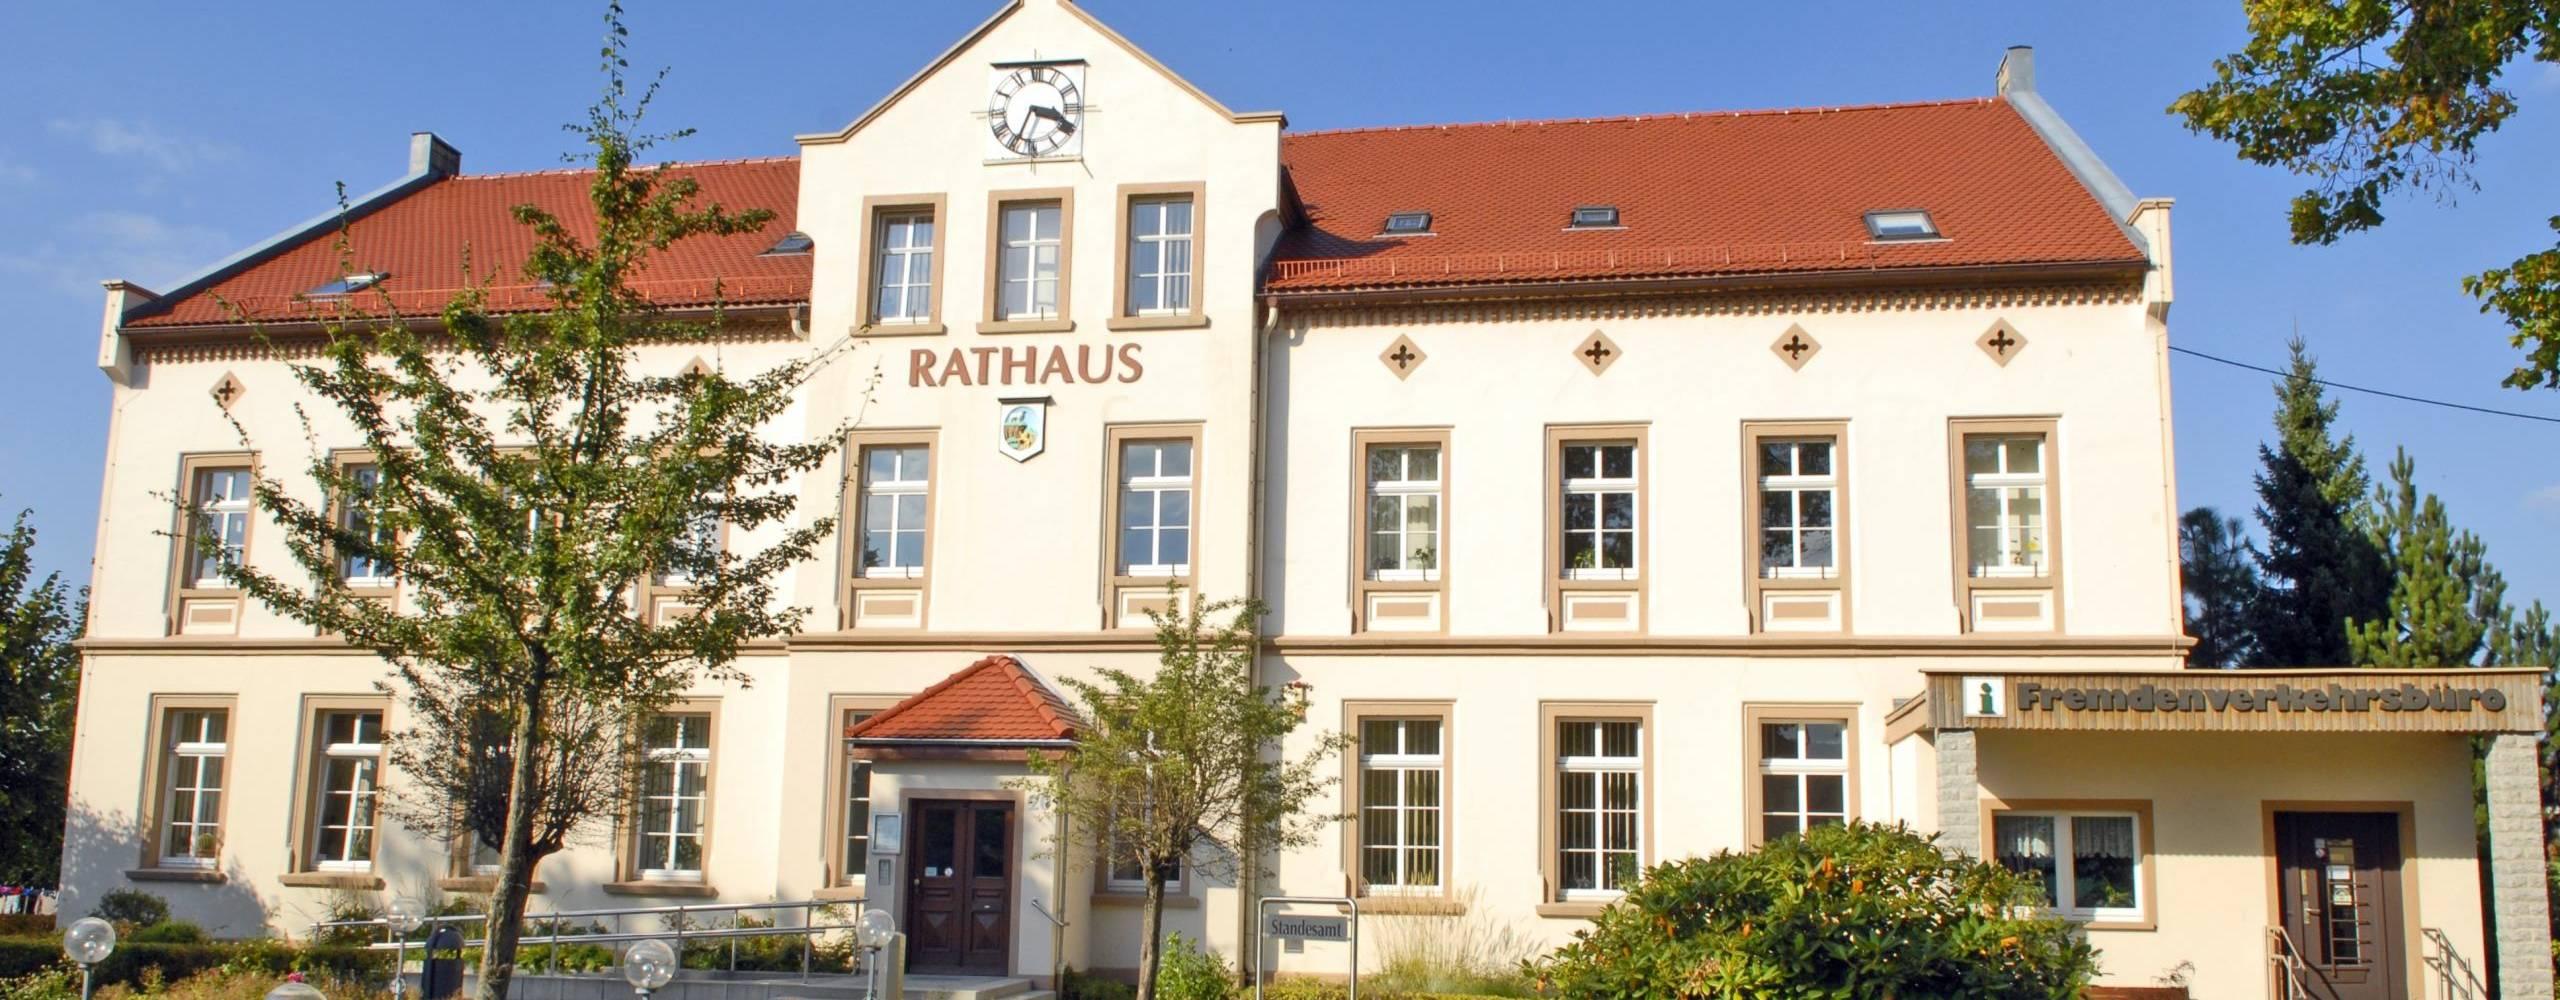 rathaus bearb gg ©Rathaus Fotograf: TGG OlB/Uwe Schwarz